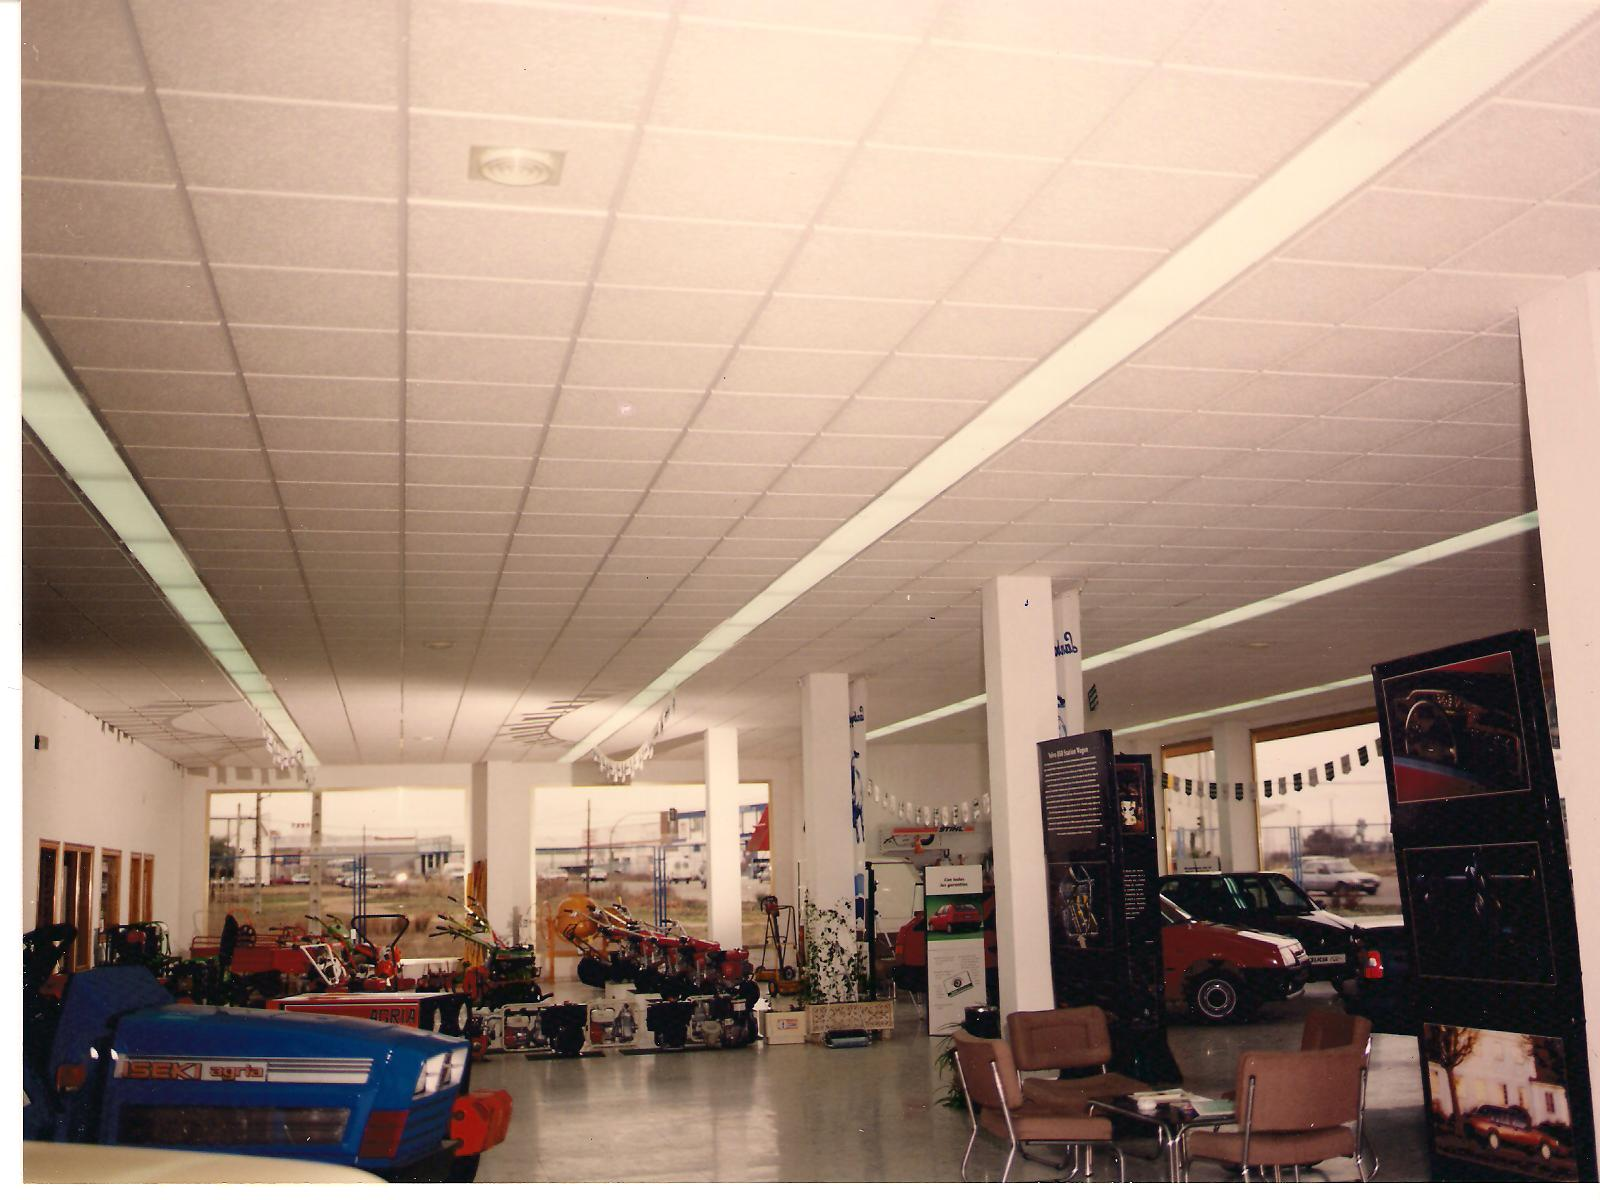 Incopac 90 falsos techos desmontables y continuos for Falso techo decorativo en escayola